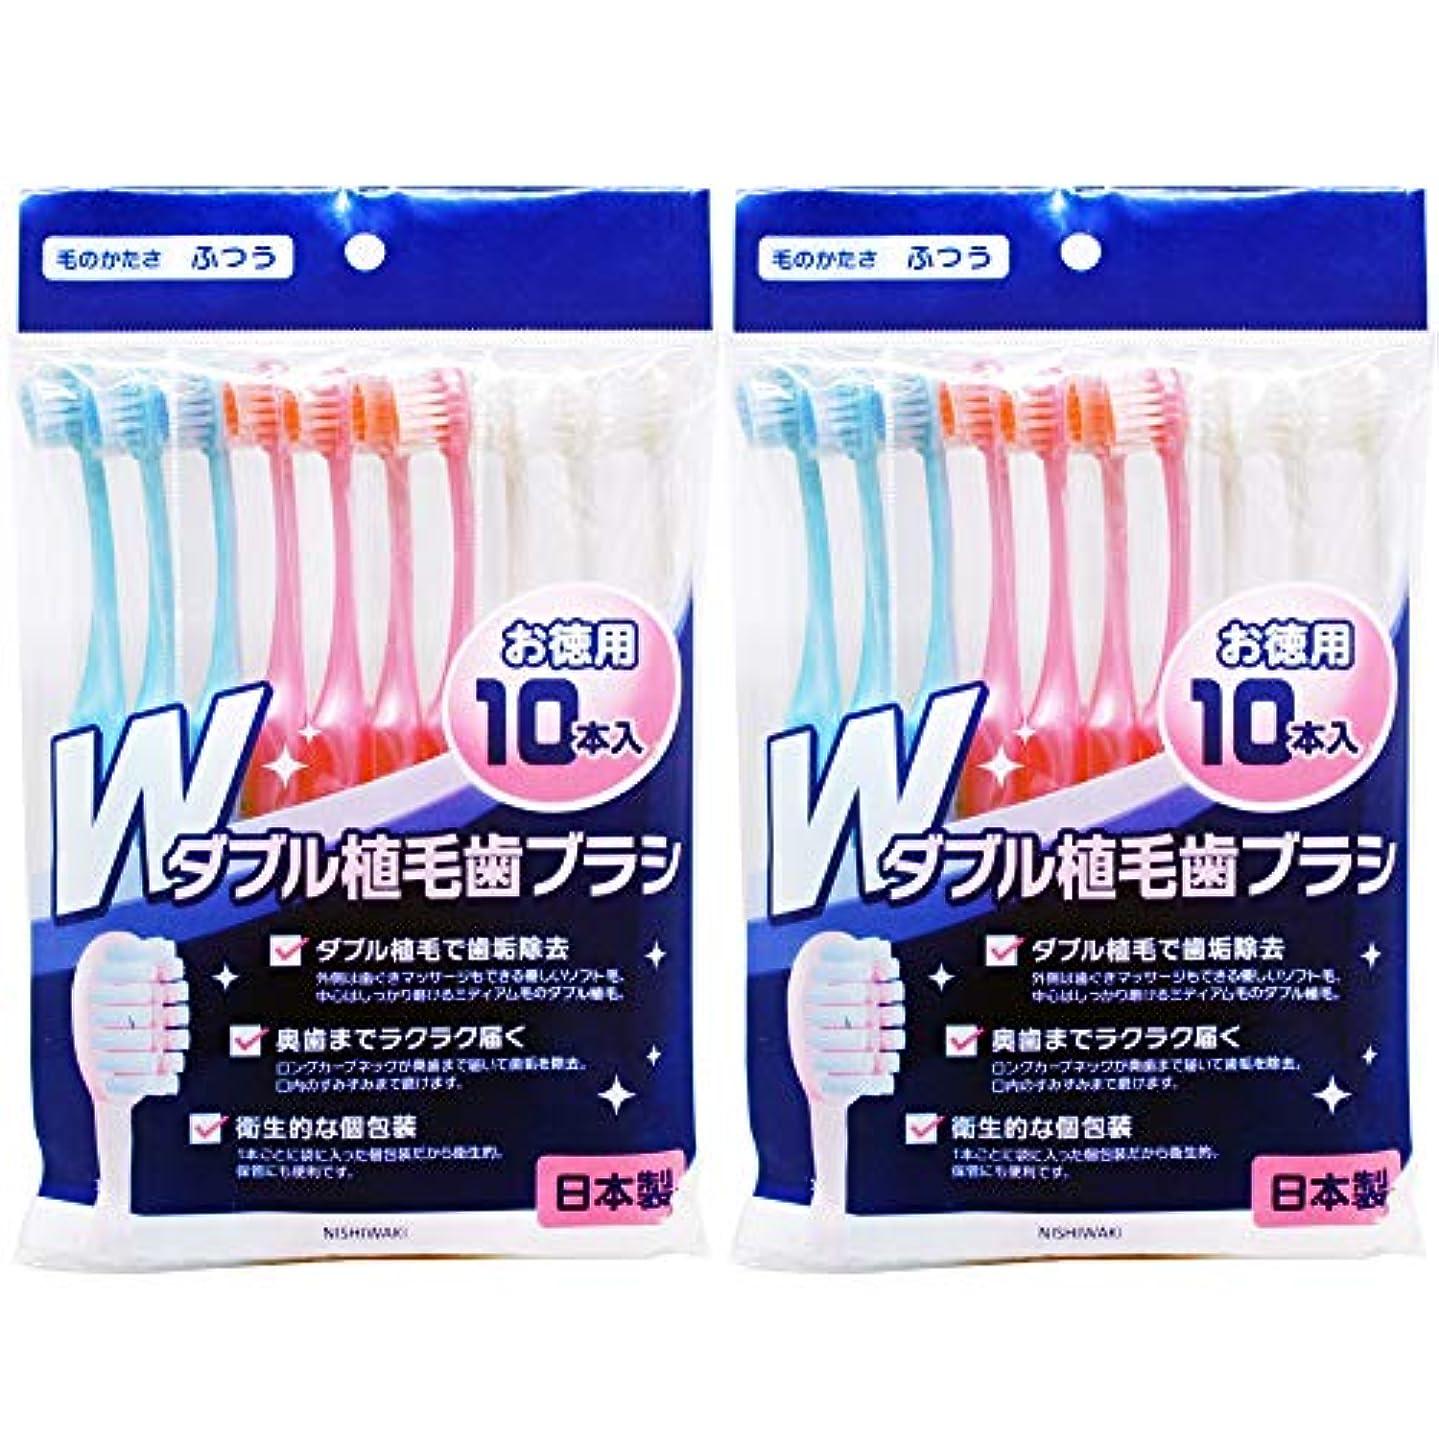 全滅させるアンビエント特異な歯ブラシ 日本製 20本セット「外側やわらか植毛歯ブラシ」